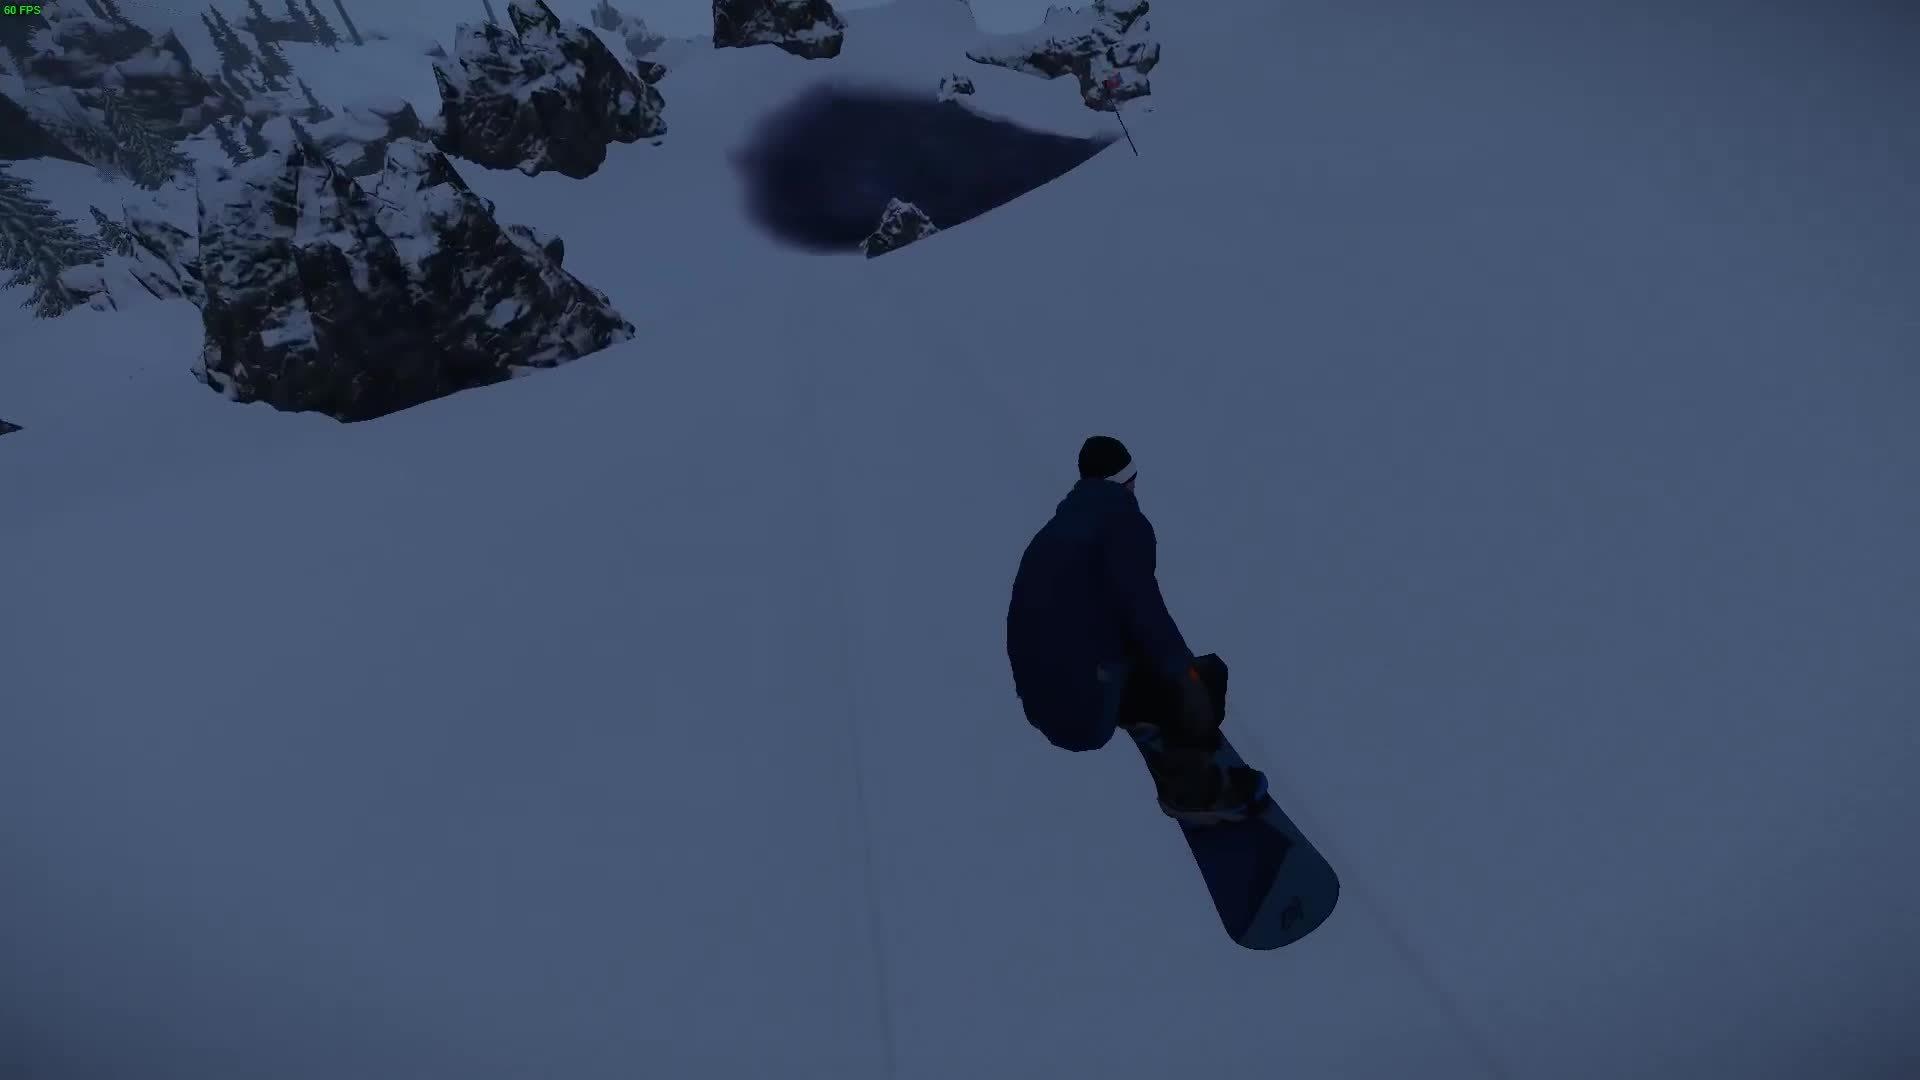 snowthegame, Massive jump in SNOW GIFs